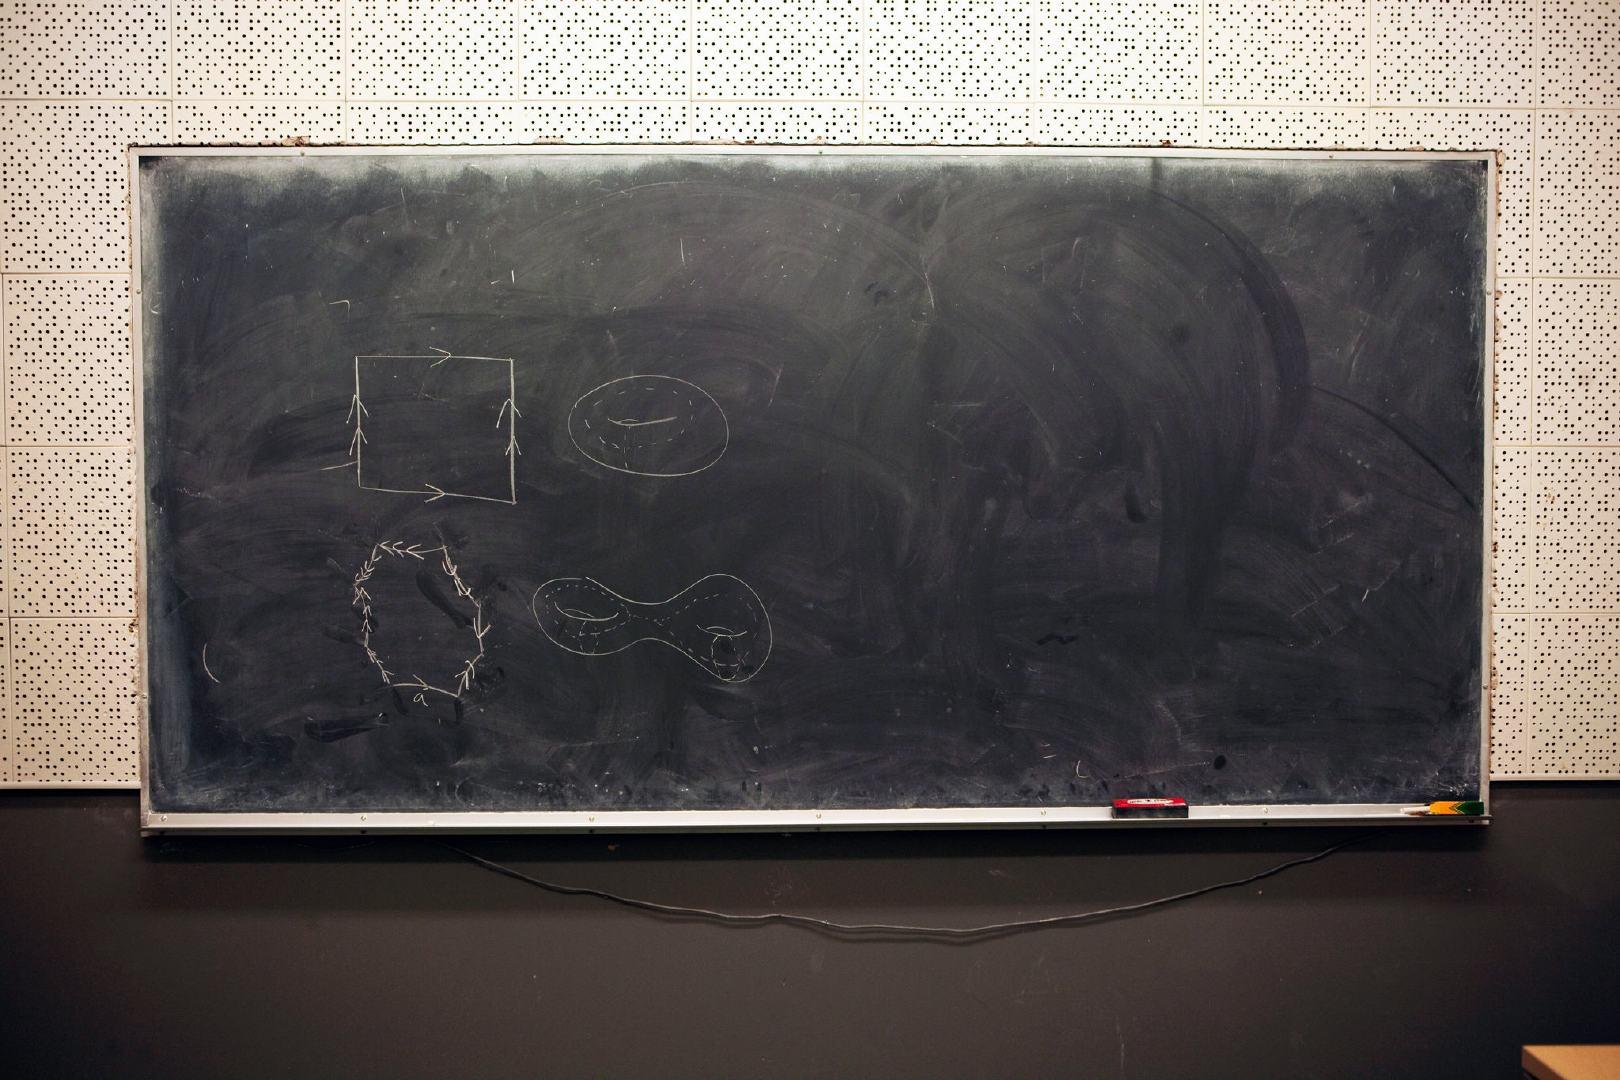 研究数学 = 研究在黑板上画画